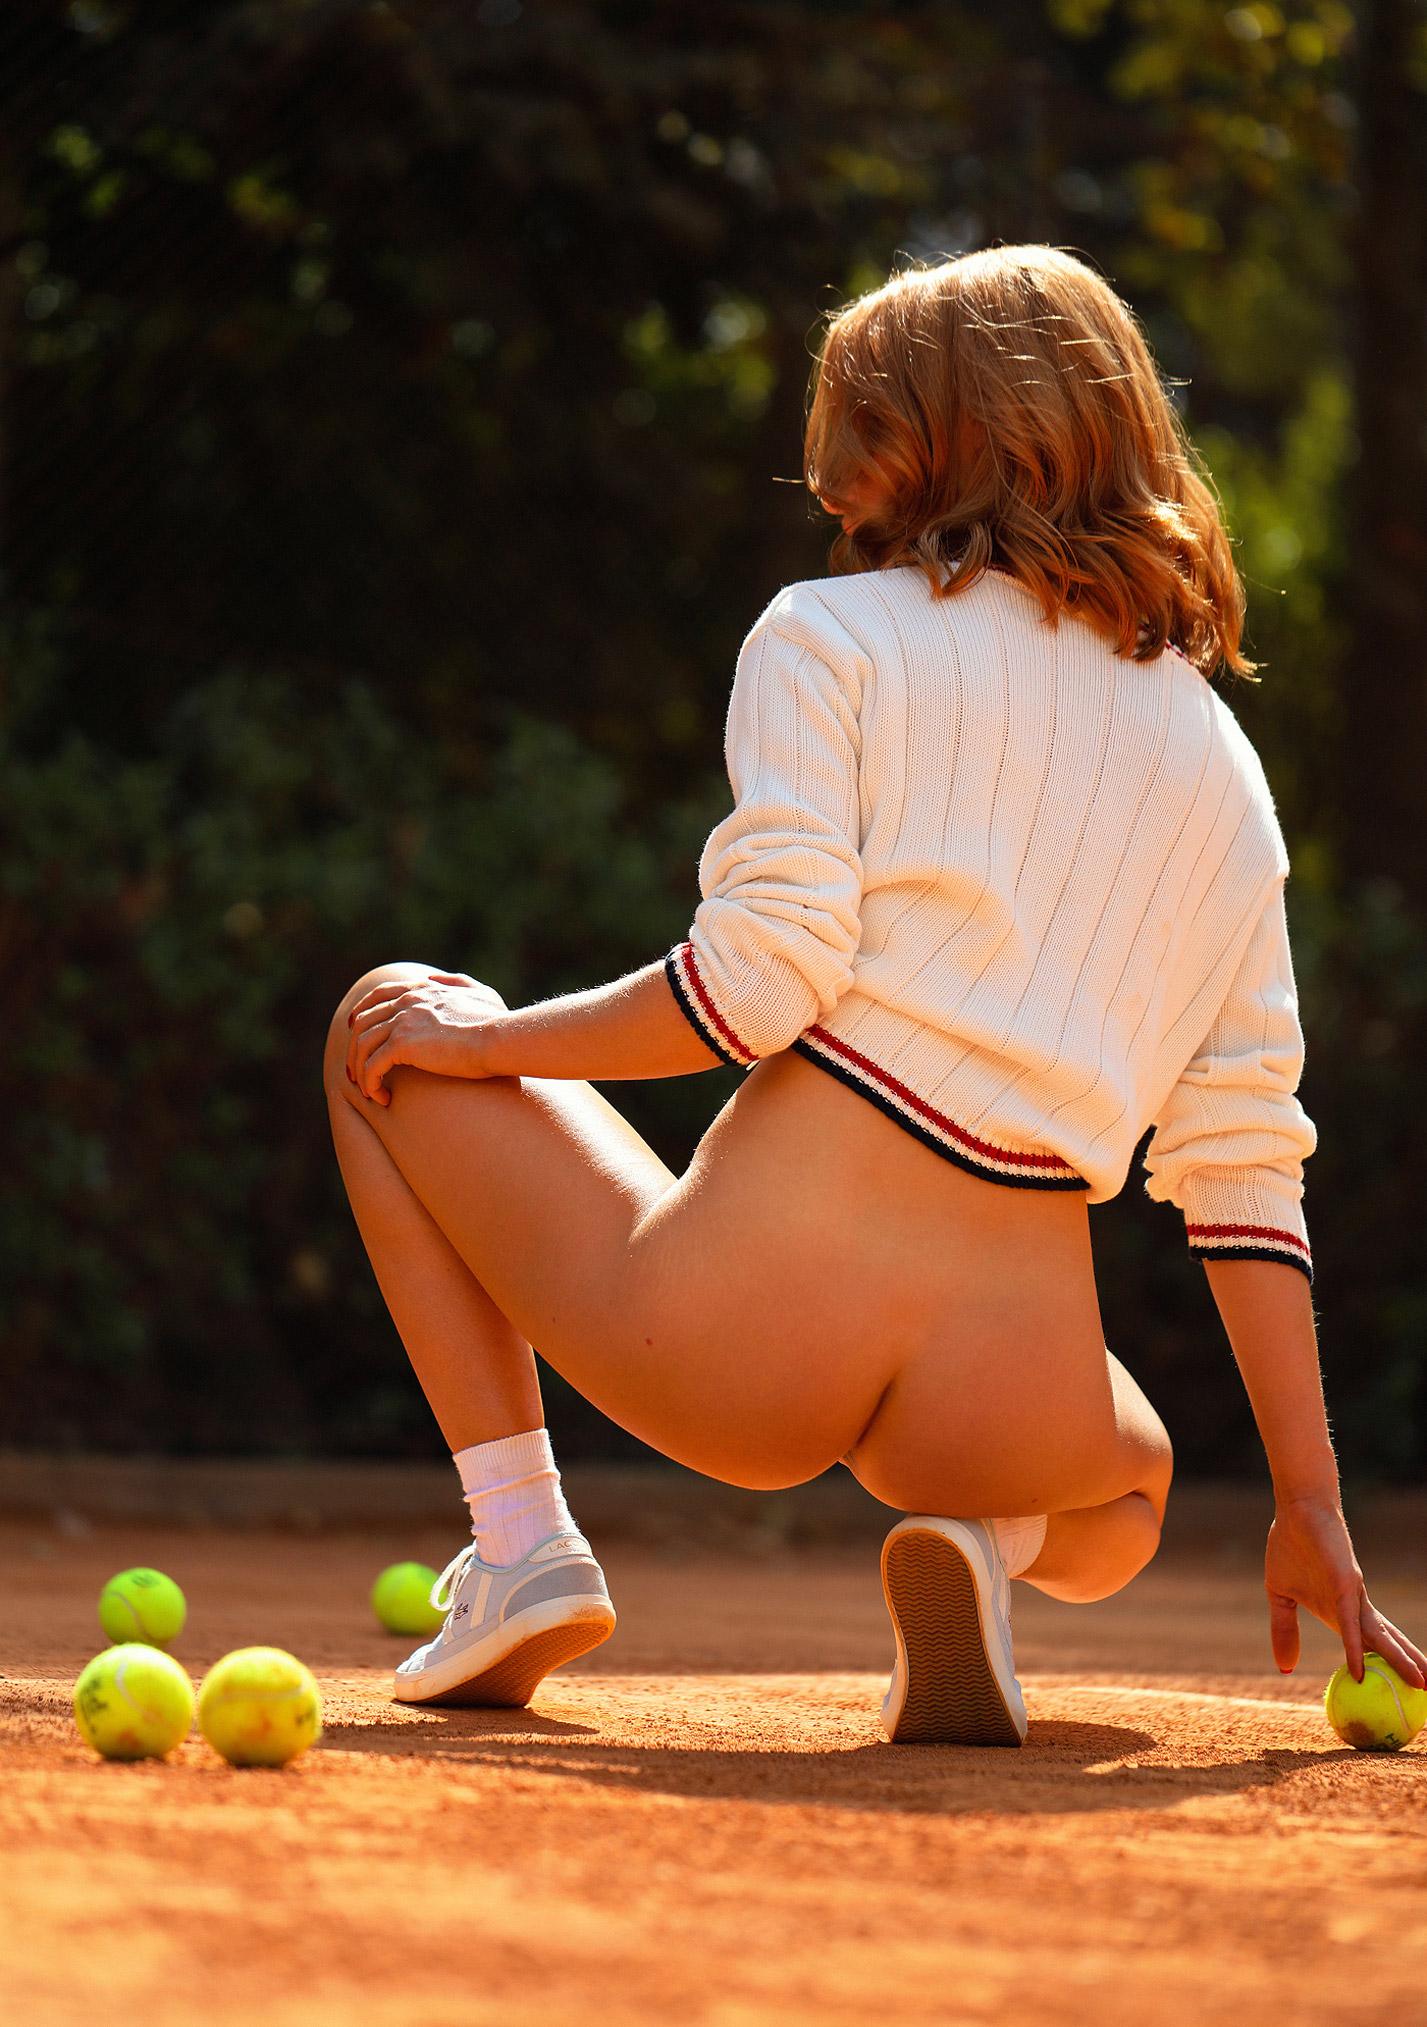 звезда голландского Playboy Свенья ван дер Богарт голая играет в теннис / фото 04